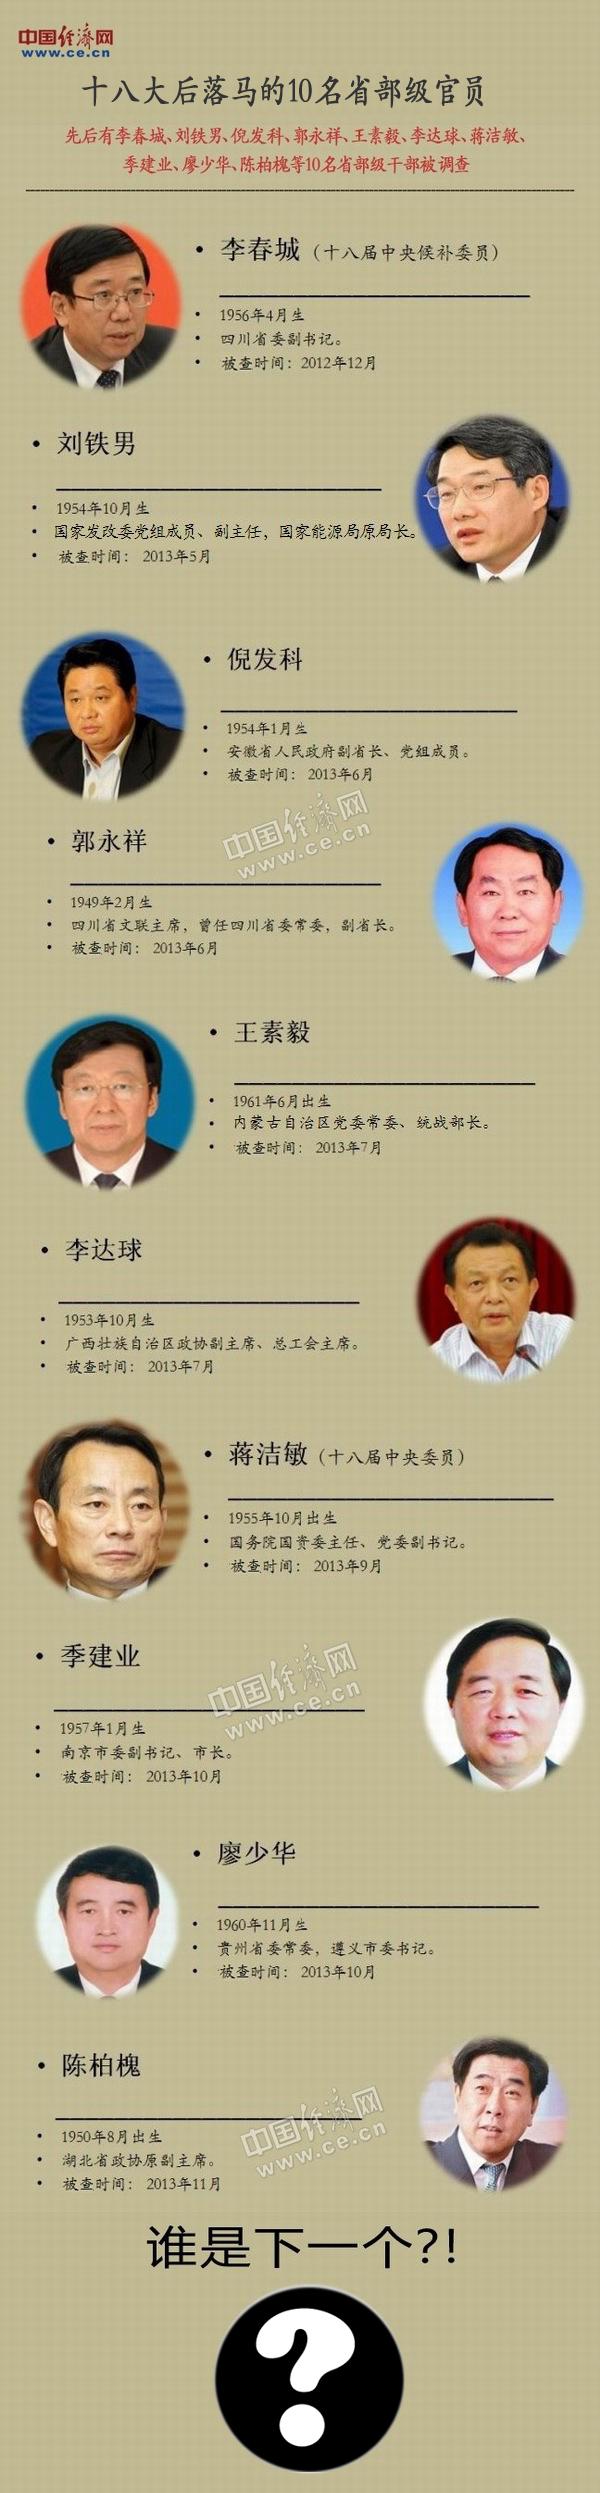 十八大决议_图说十八大后落马的10名省部级官员